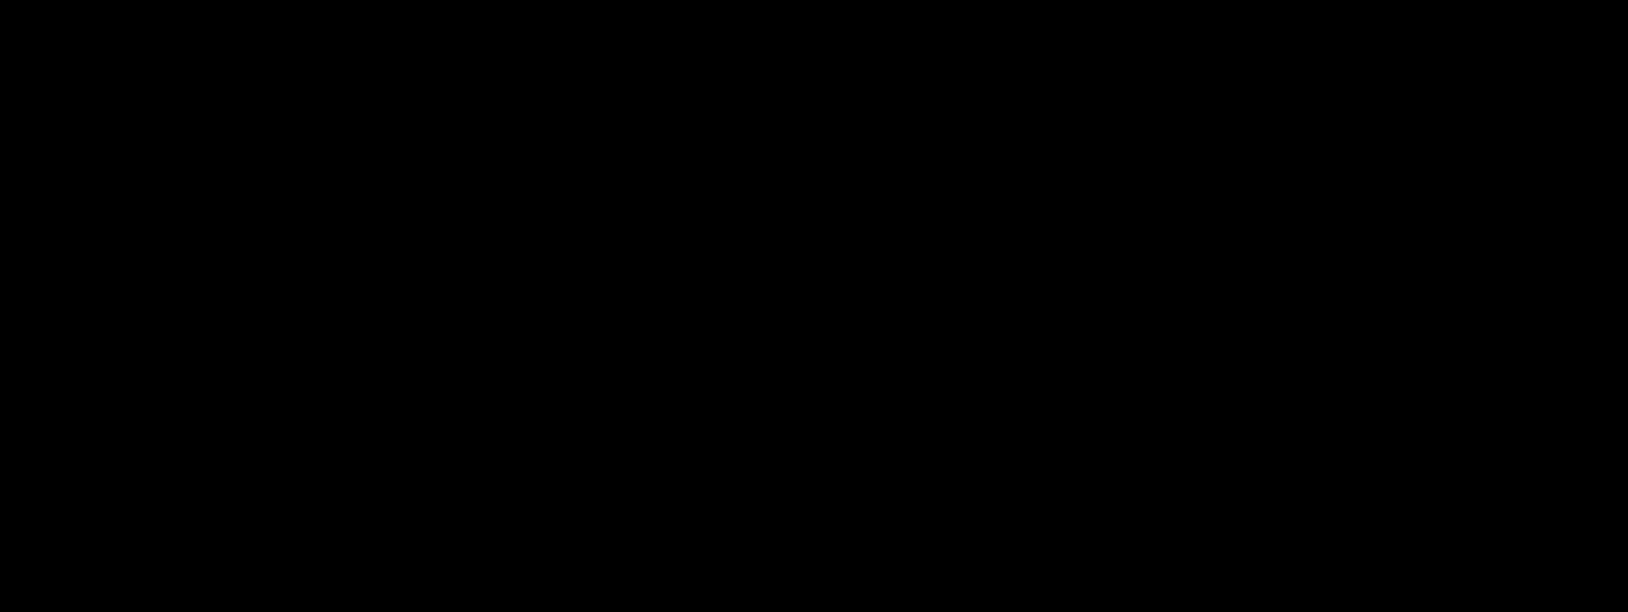 Methyl 4-oxo-4-(1-(phenylsulfonyl)-1H-pyrrol-3-yl)butanoate